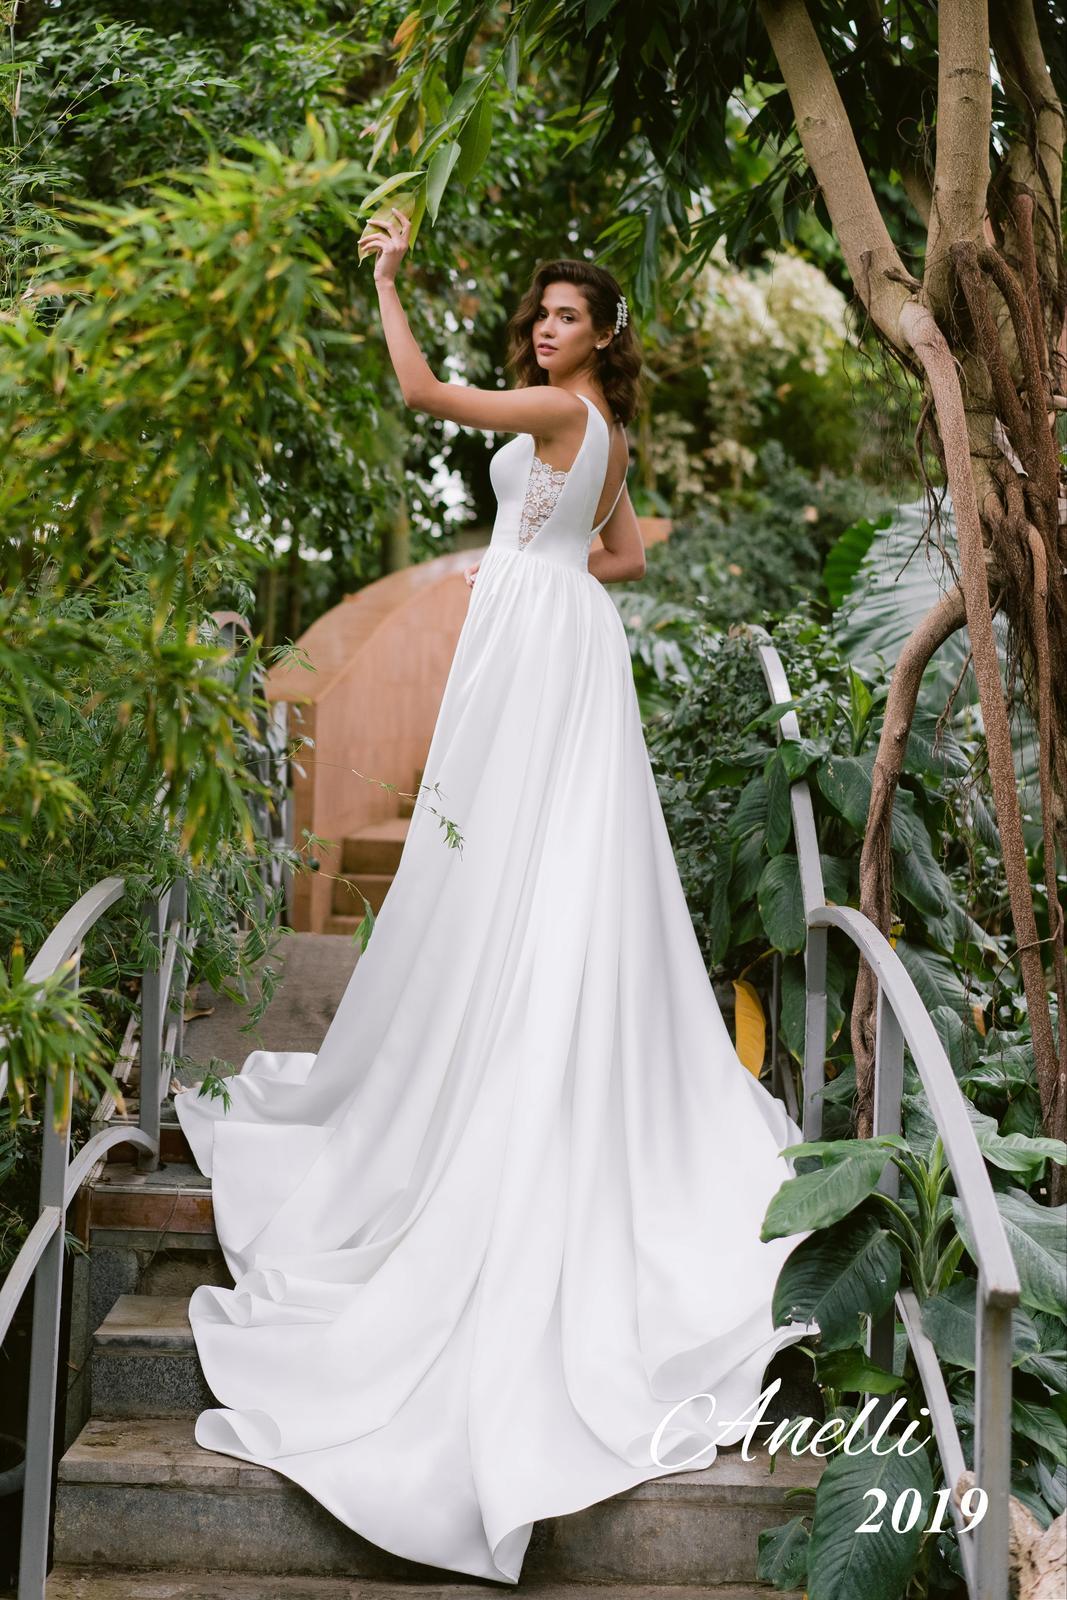 Svadobné šaty - Breeze 2019 - Obrázok č. 4